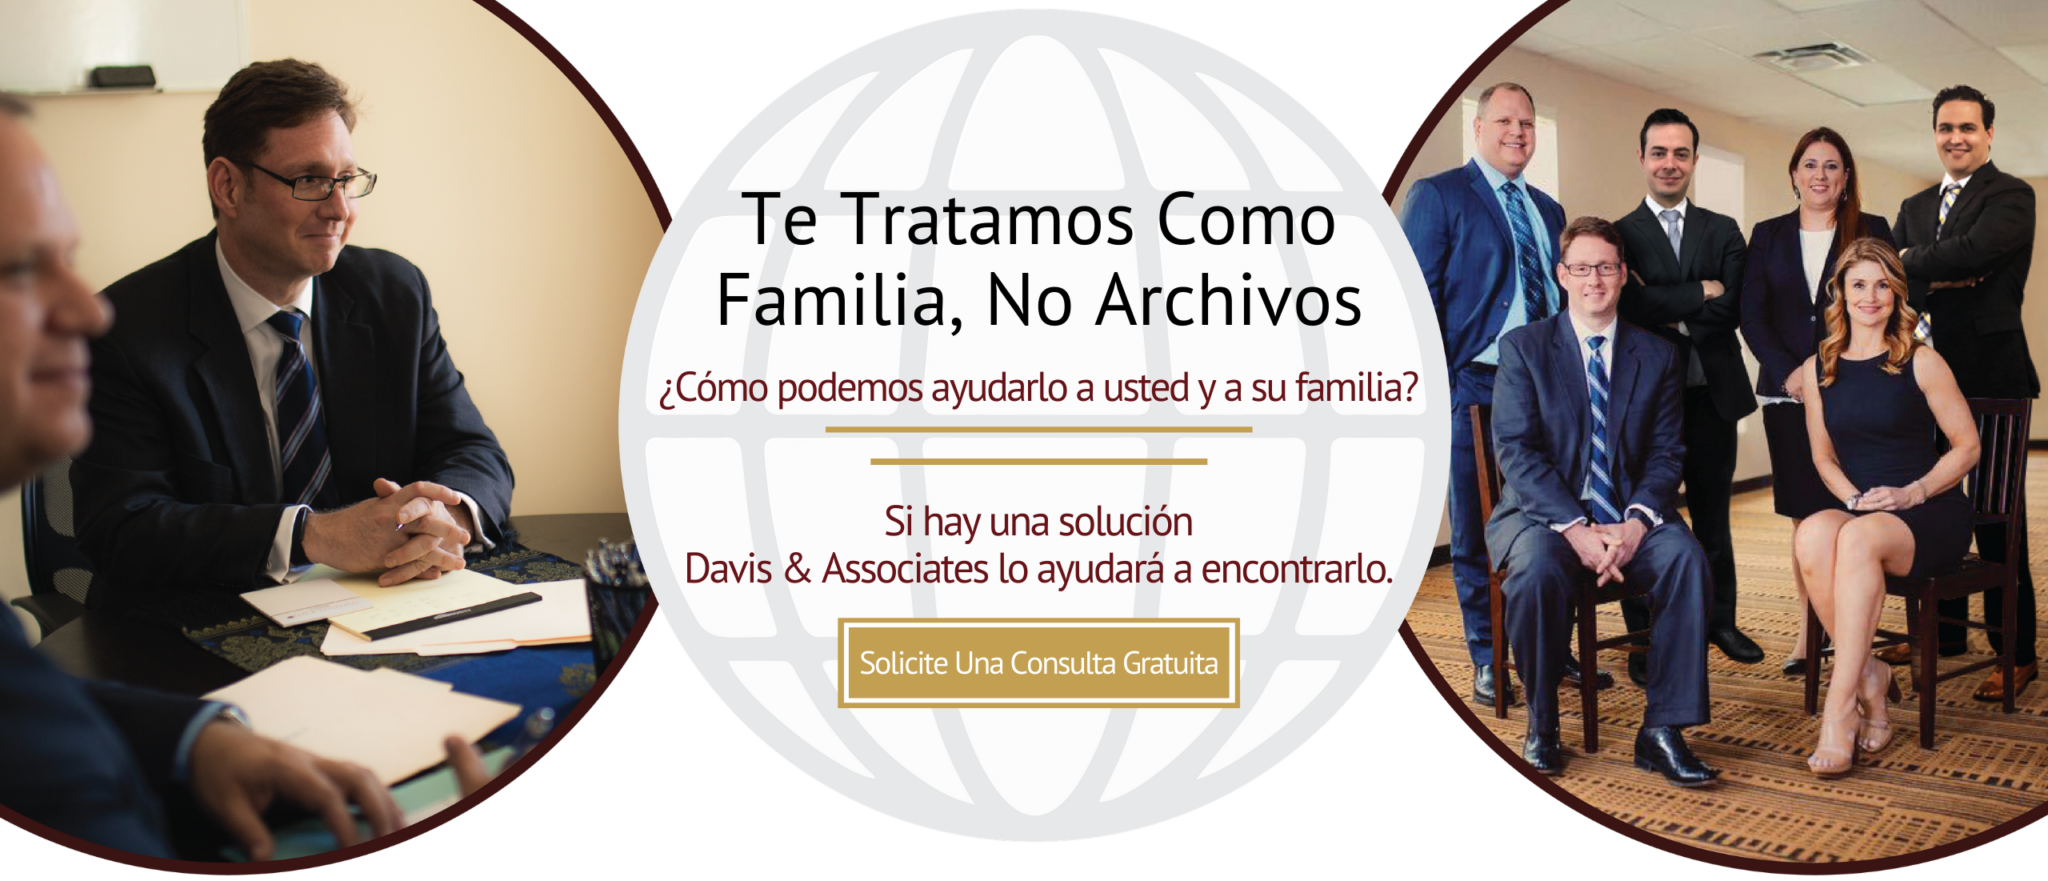 Davis & Associates - Bufete de abogados de inmigración en Dallas y Houston TX